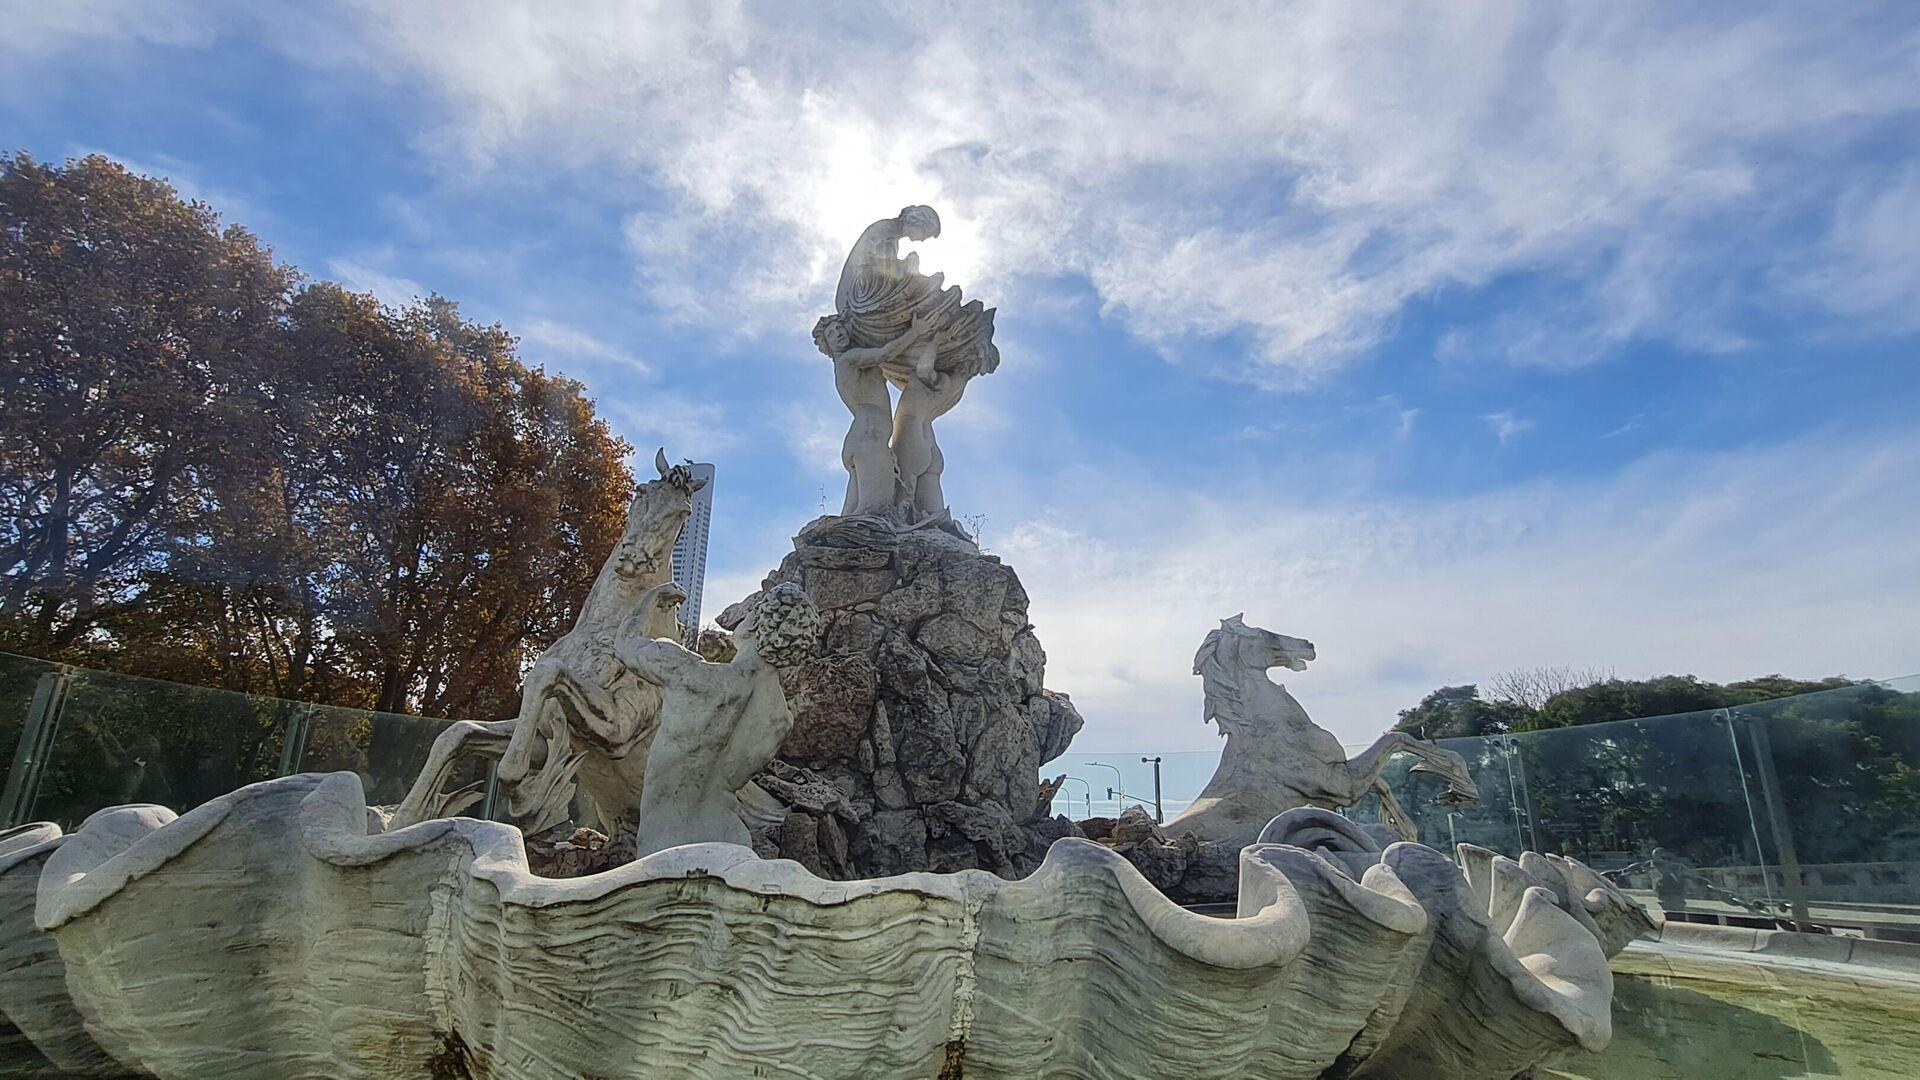 'Fuente de las Nereidas', obra de la escultora argentina Lola Mora - Sputnik Mundo, 1920, 22.05.2021